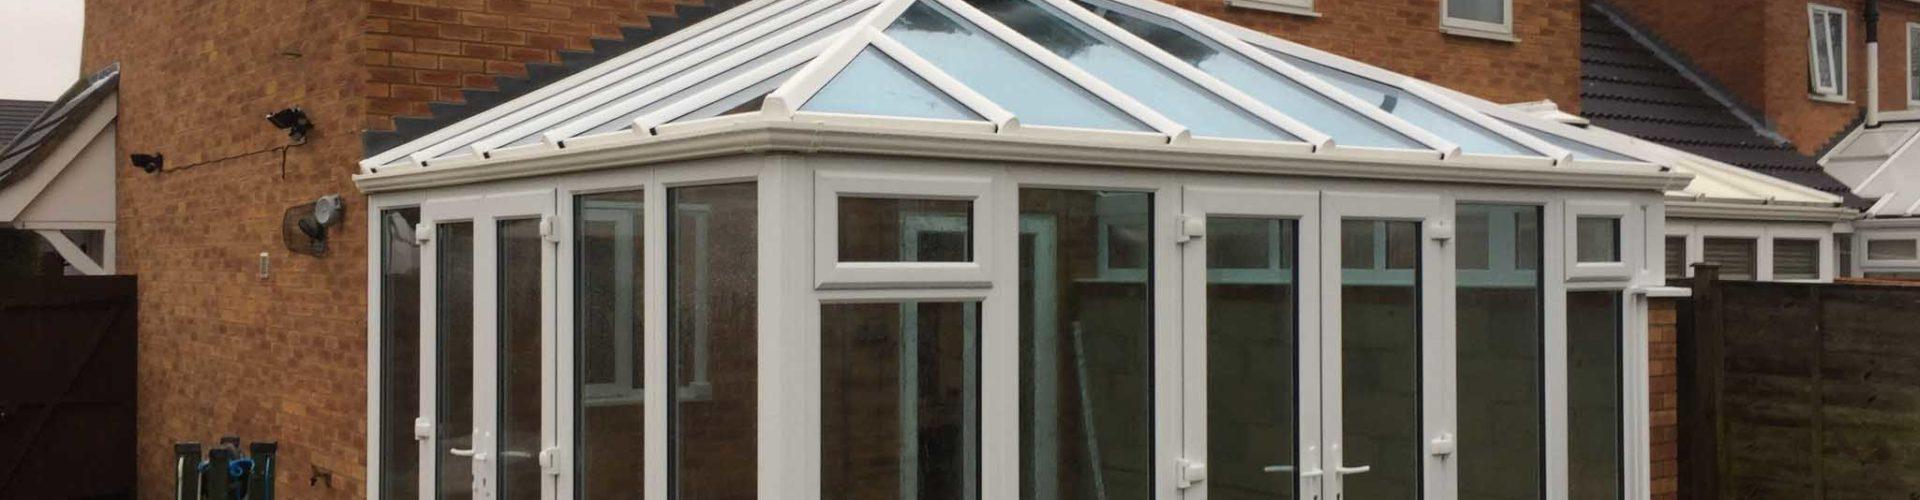 uPVC Glass Conservatory, Hertfordshire